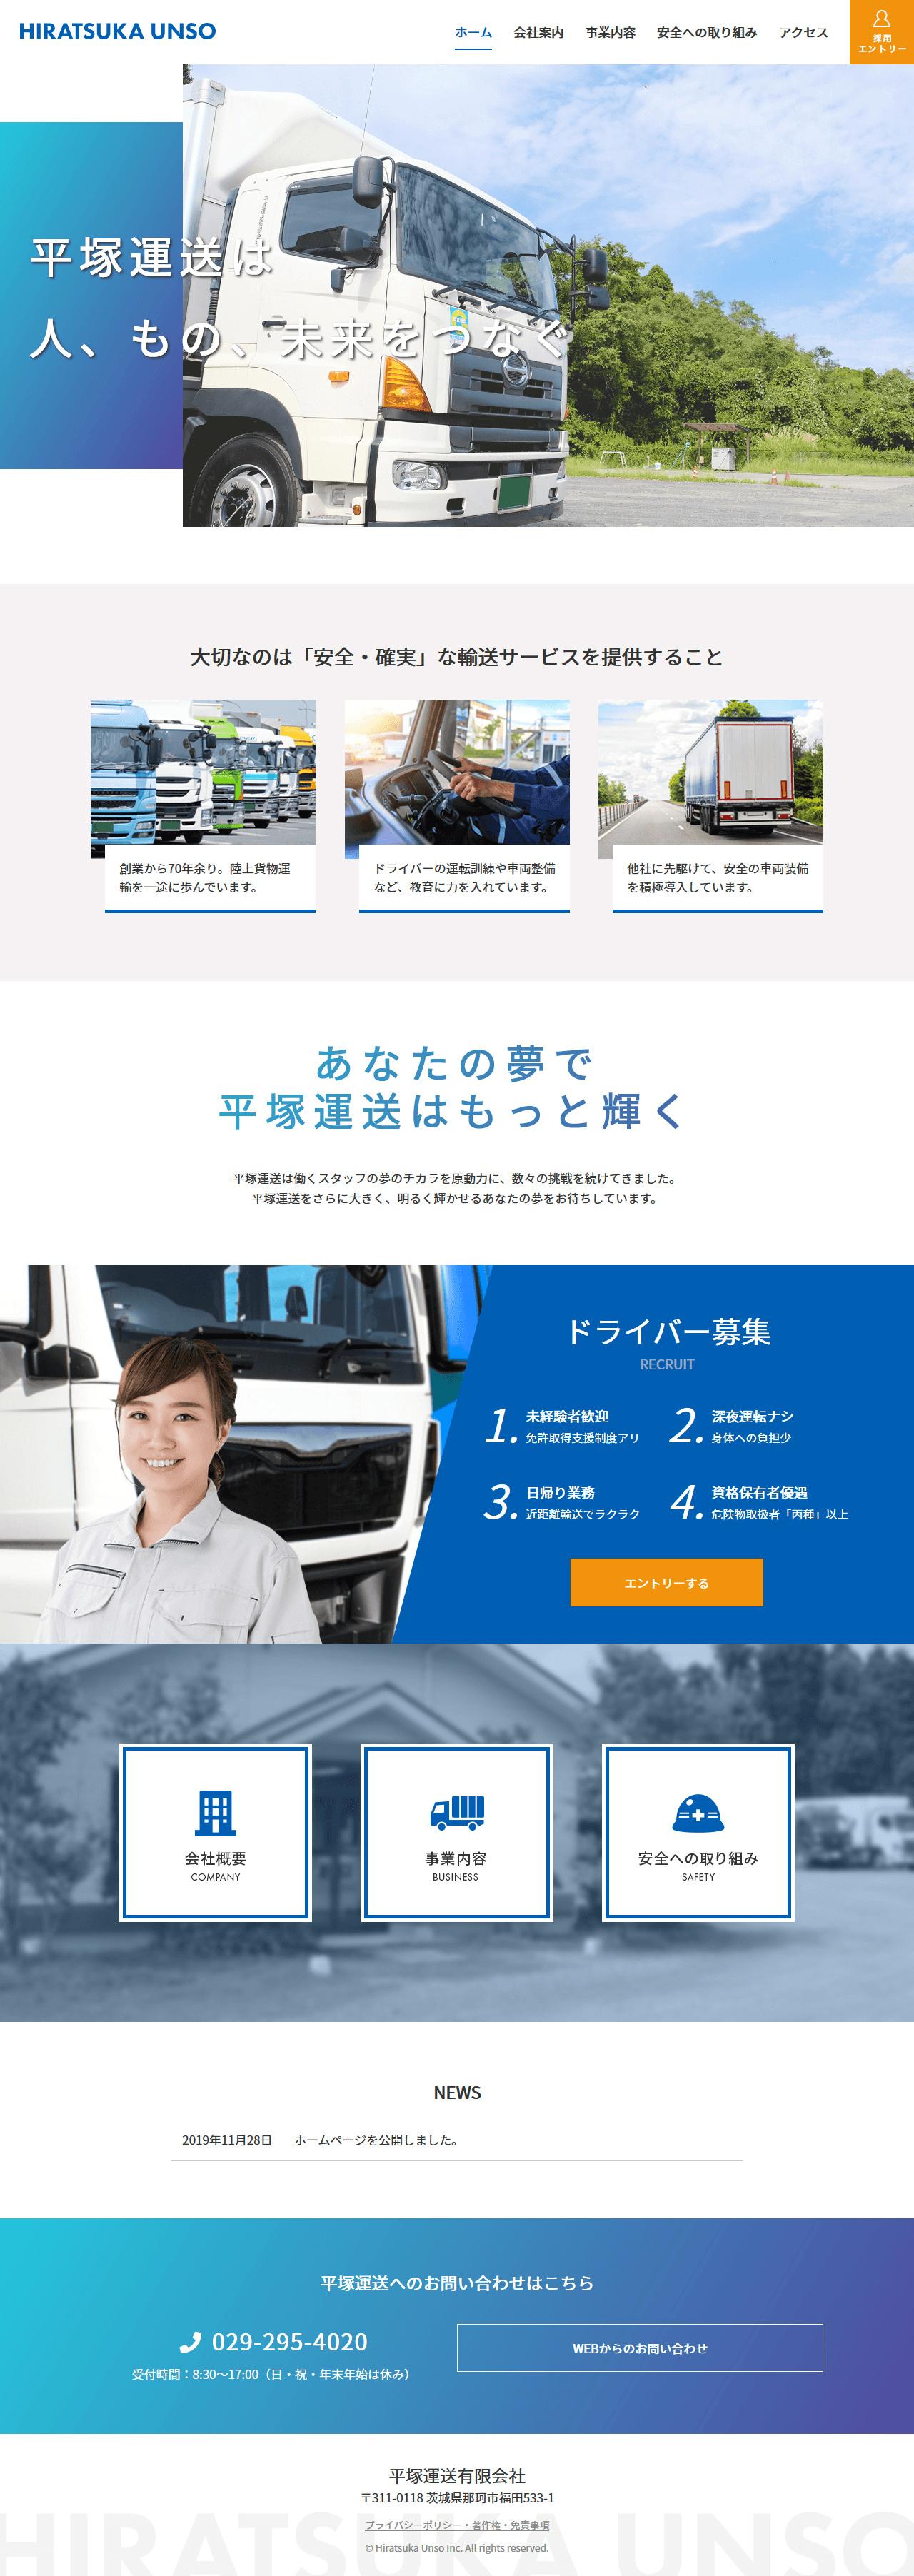 平塚運送有限会社ホームページ